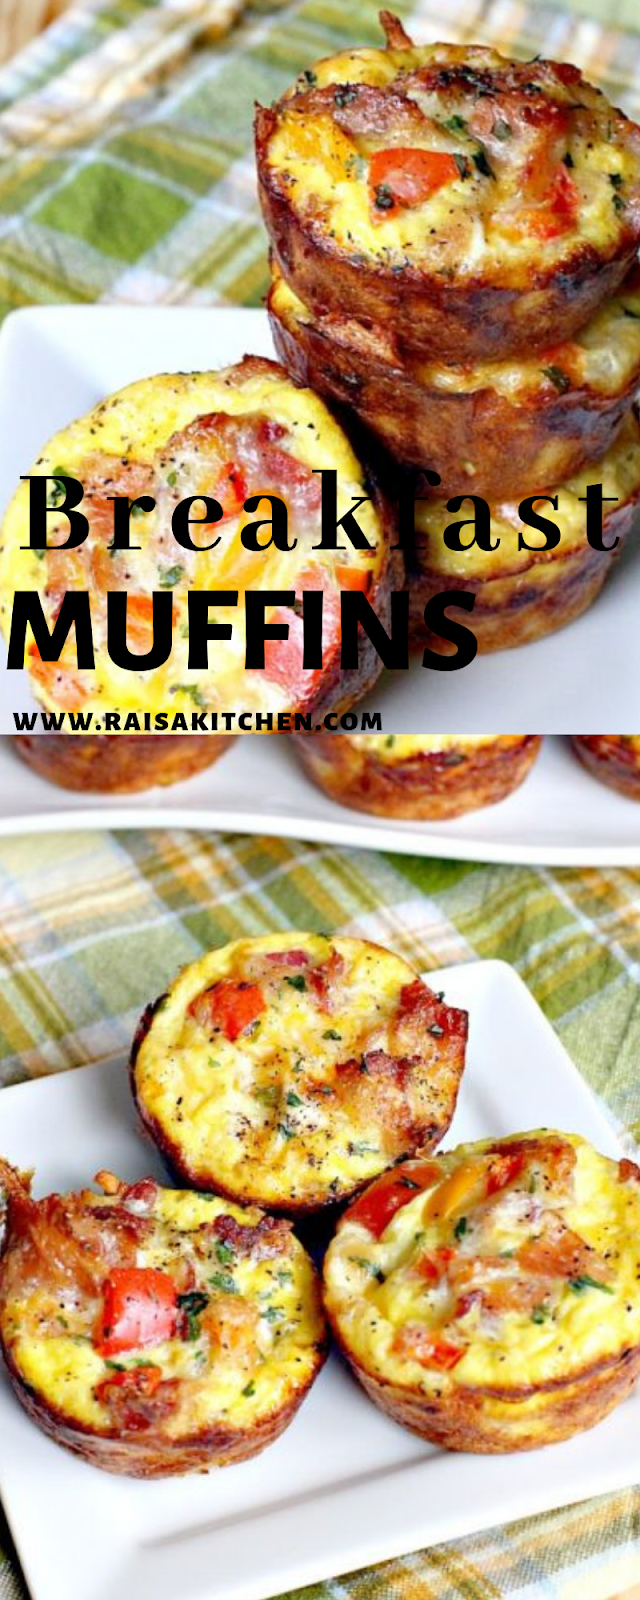 Breakfast Muffіnѕ